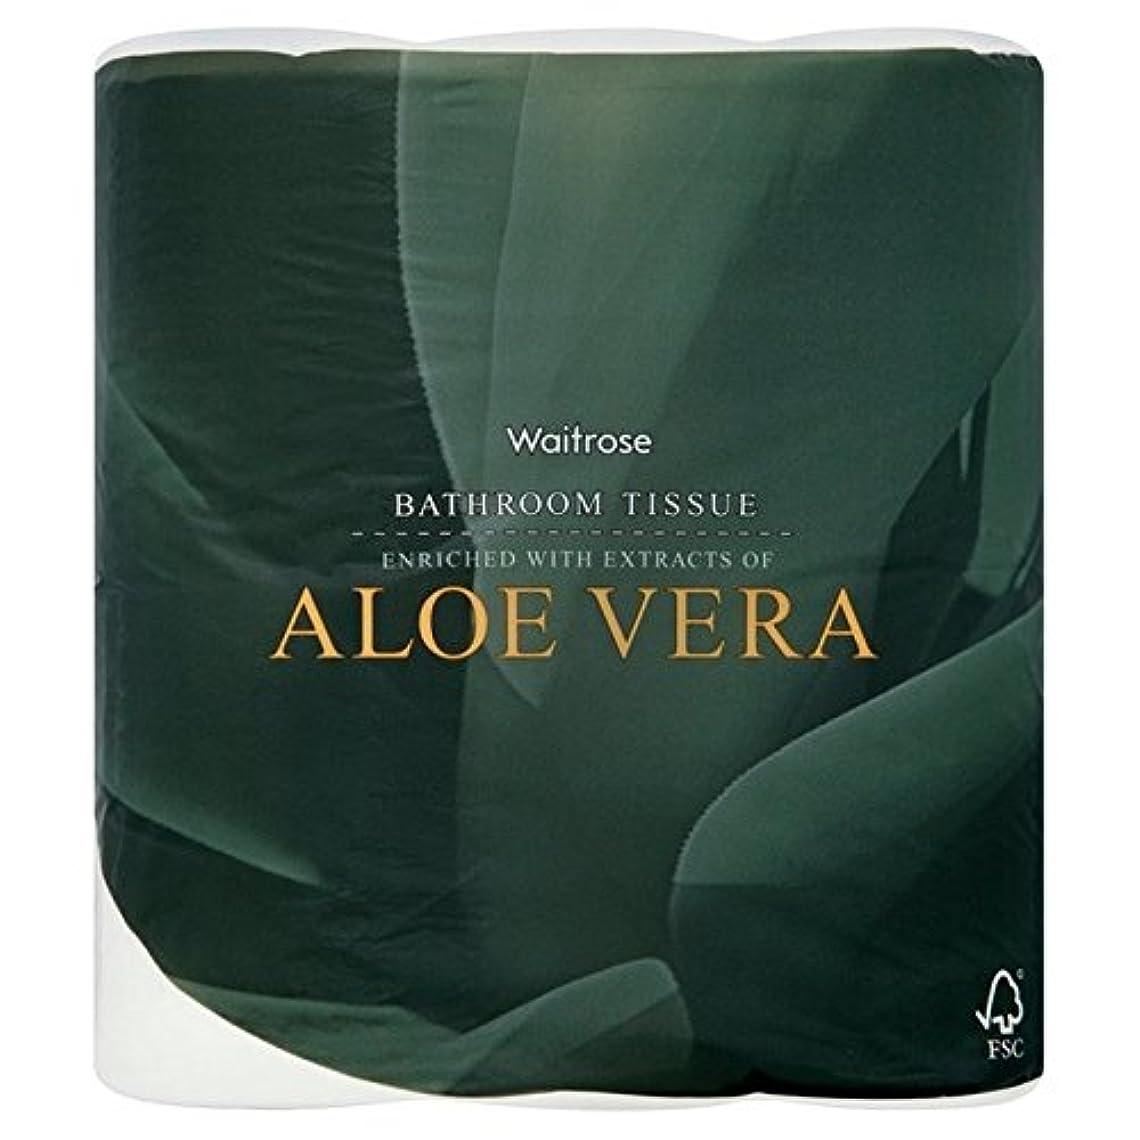 毎月マオリテントAloe Vera Bathroom Tissue White Waitrose 4 per pack - パックあたりアロエベラ浴室組織白ウェイトローズ4 [並行輸入品]